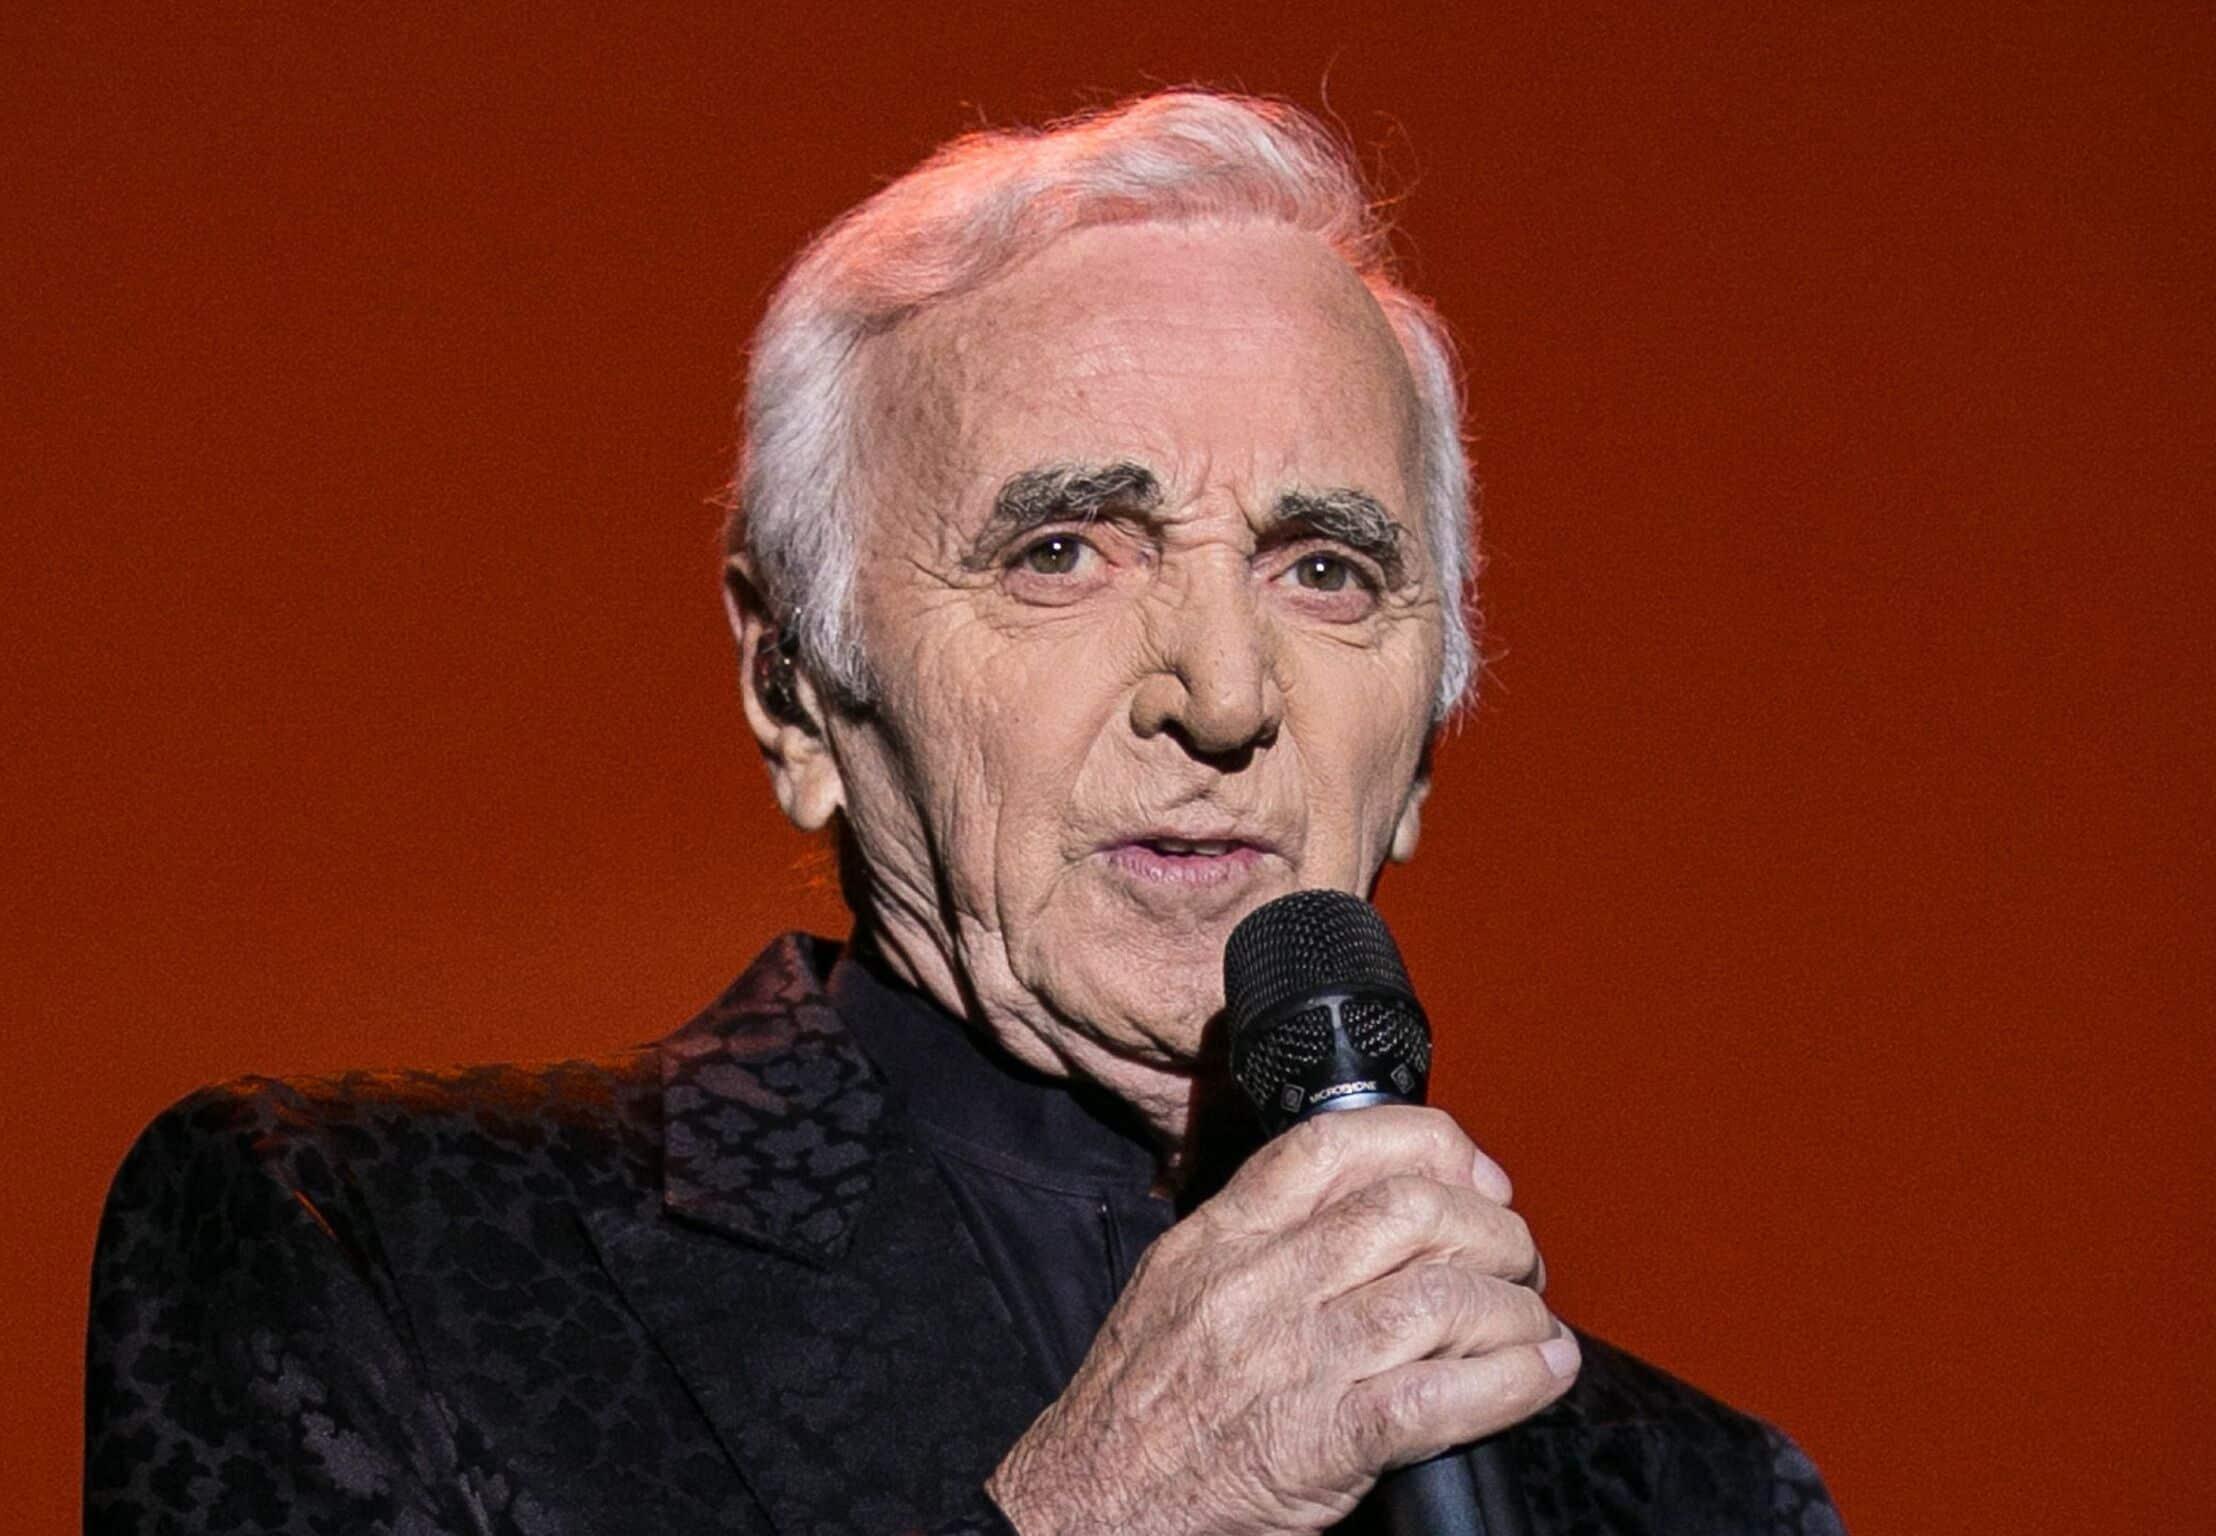 première chanson de Charles Aznavour